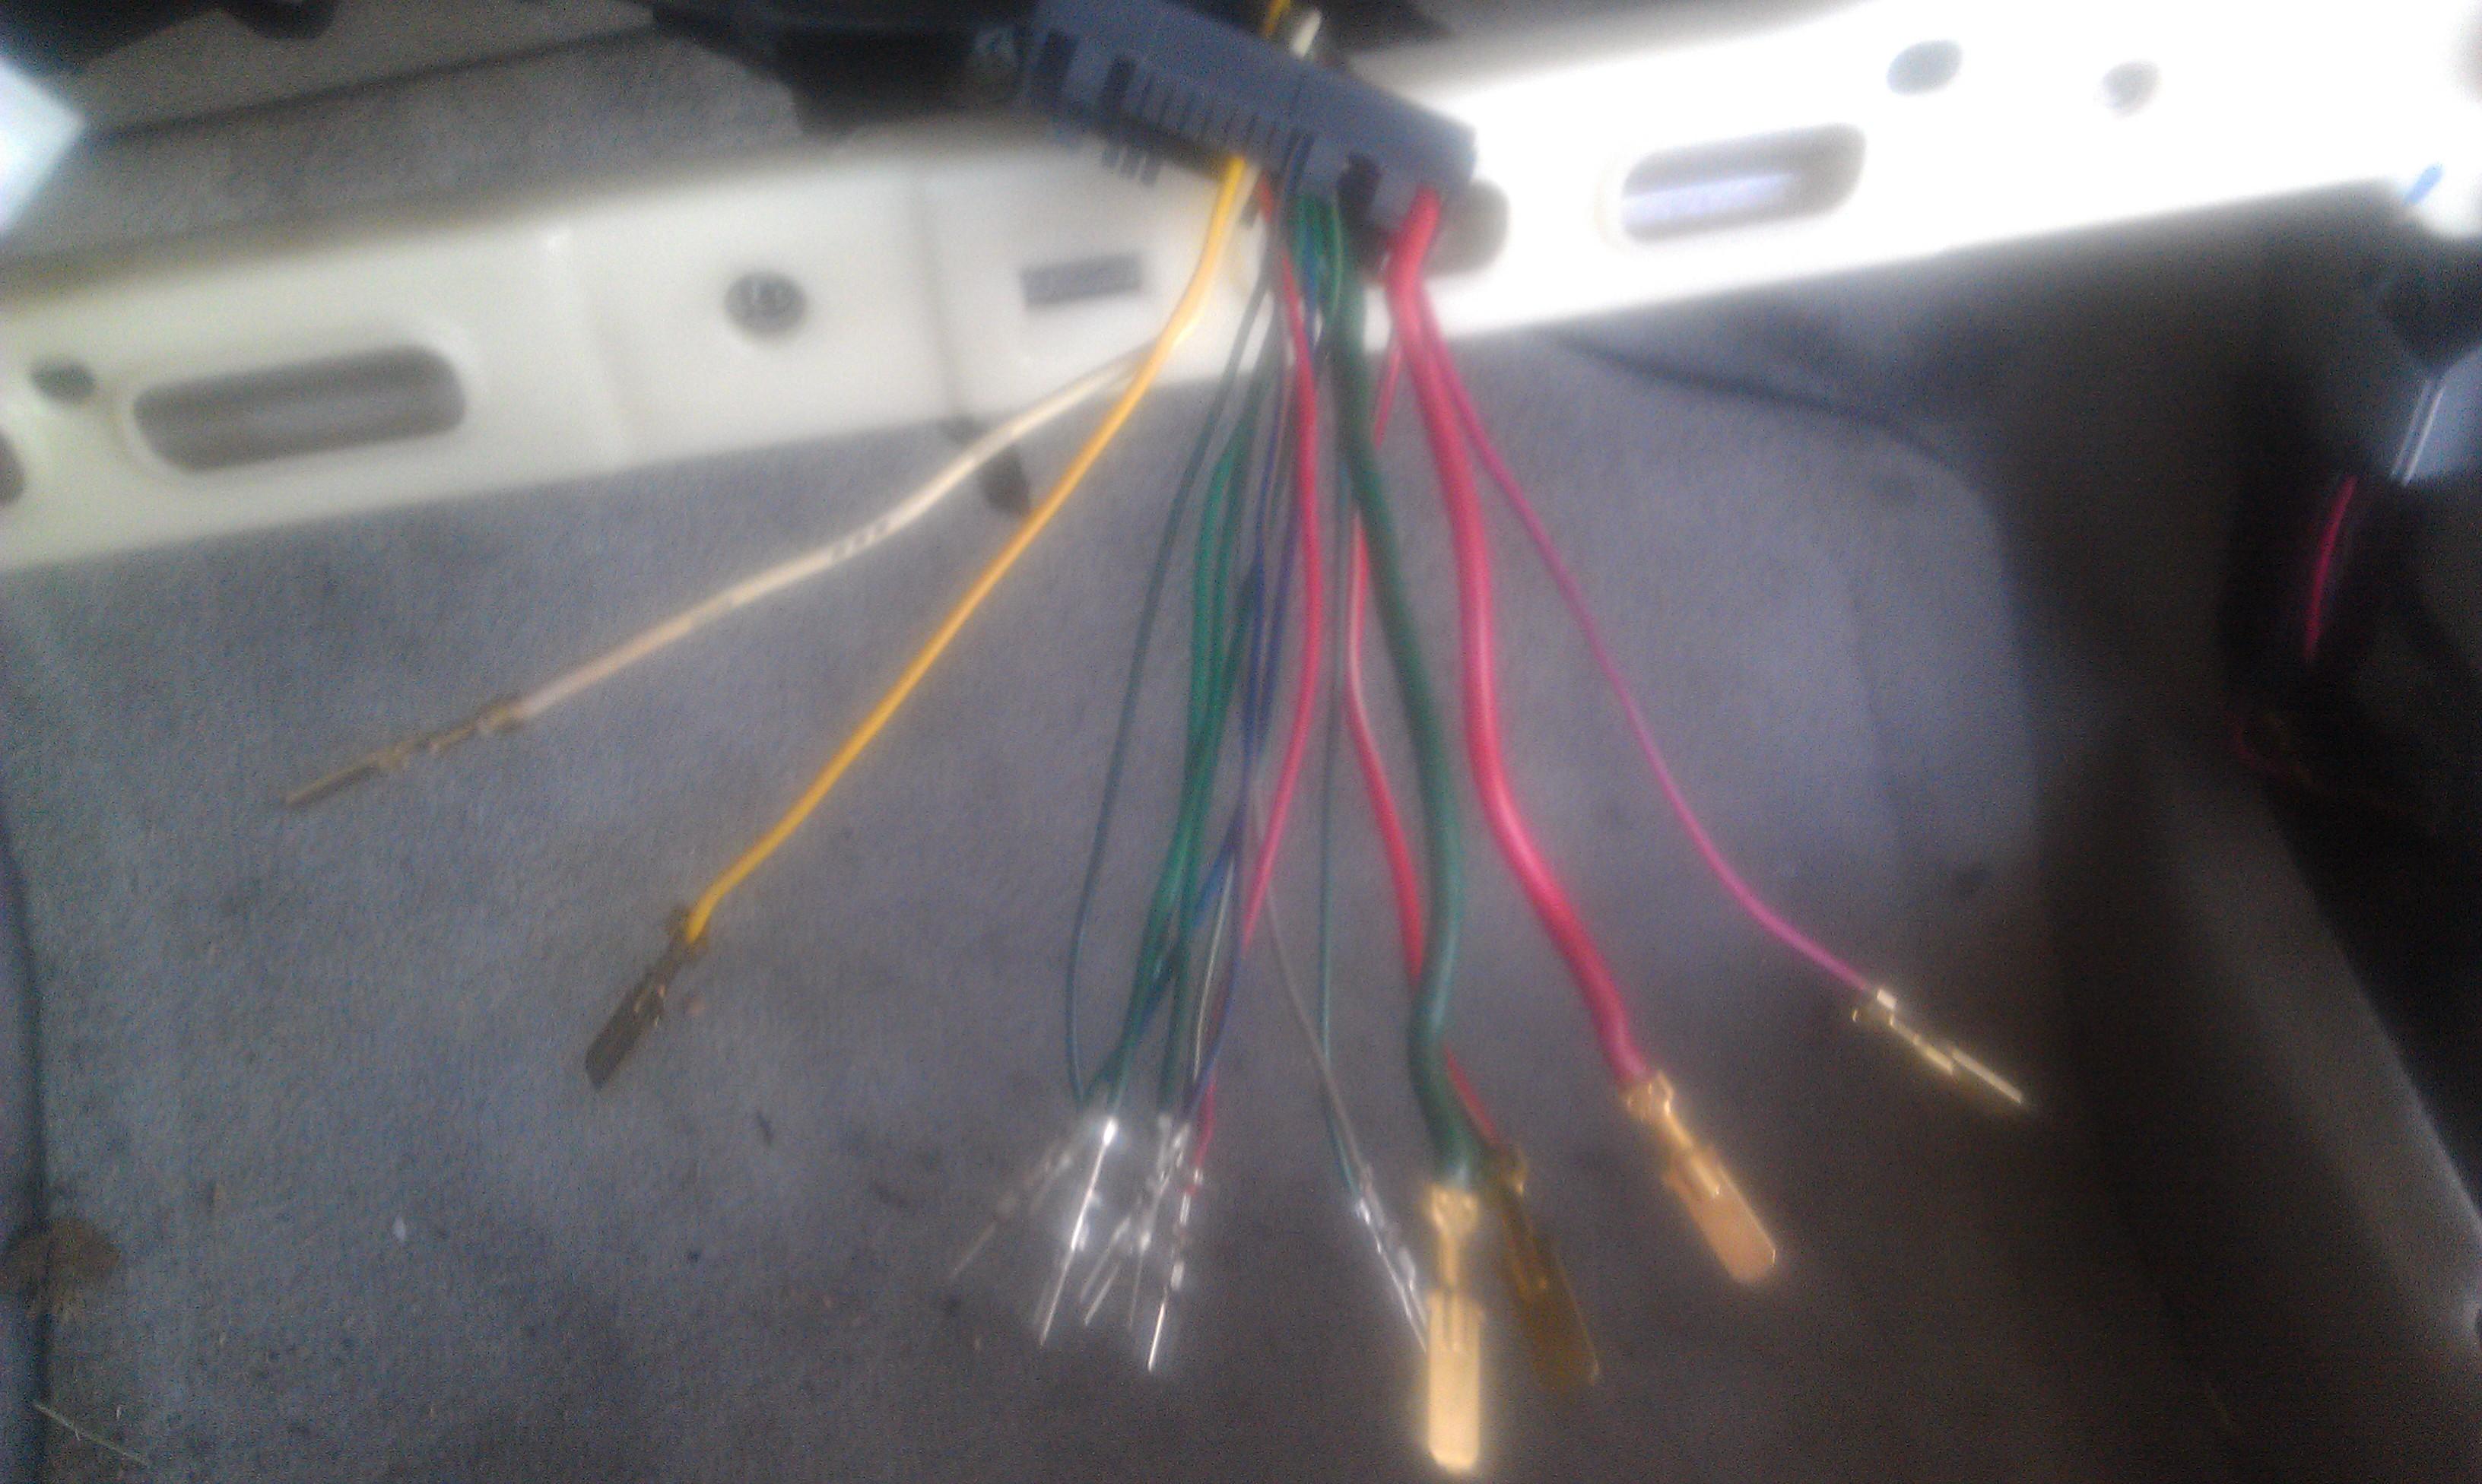 2005 Kia Sorento Wiring Diagram Likewise 2005 Kia Spectra Radio Wiring